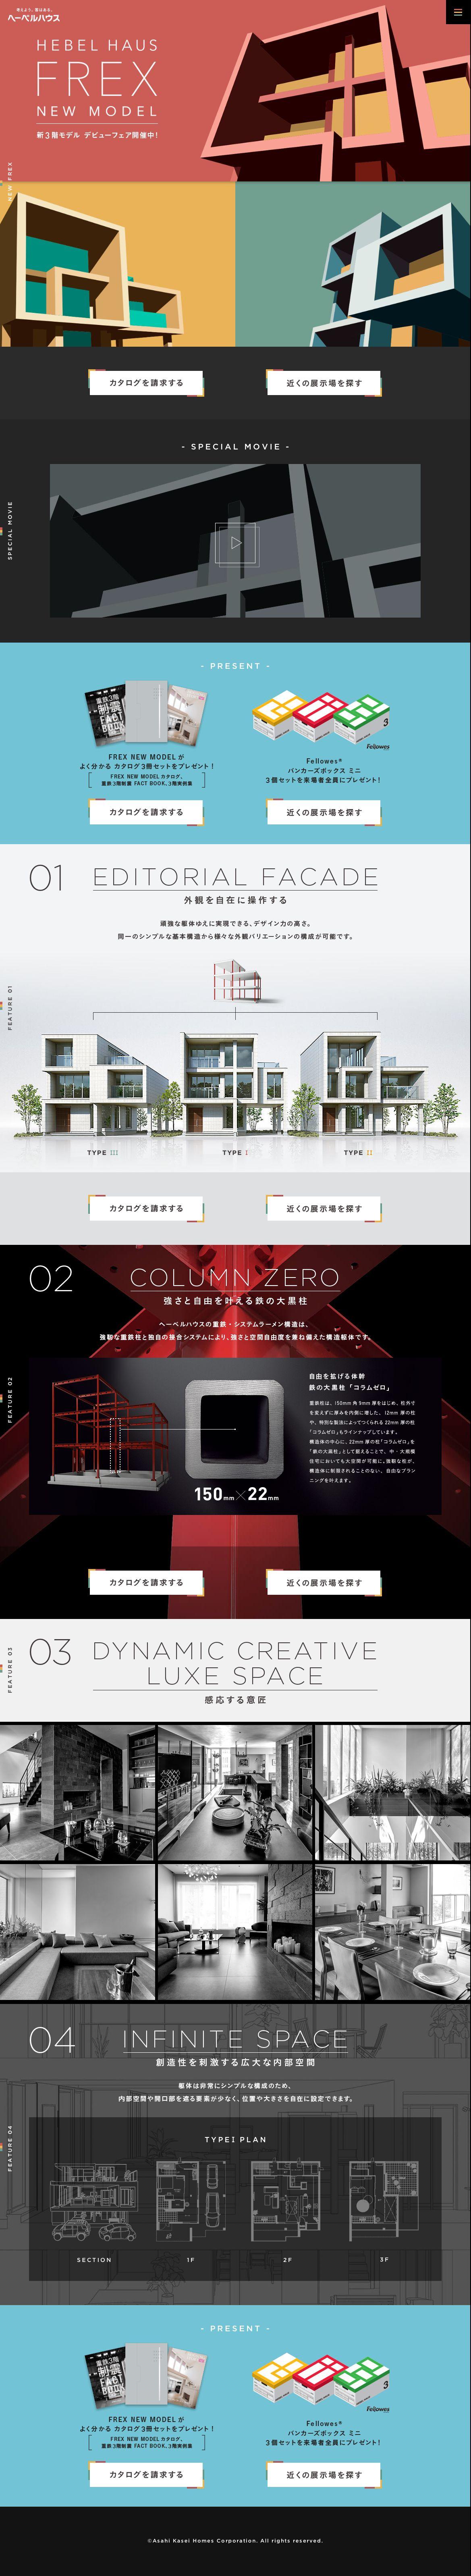 ヘーベルハウス 新3階モデル